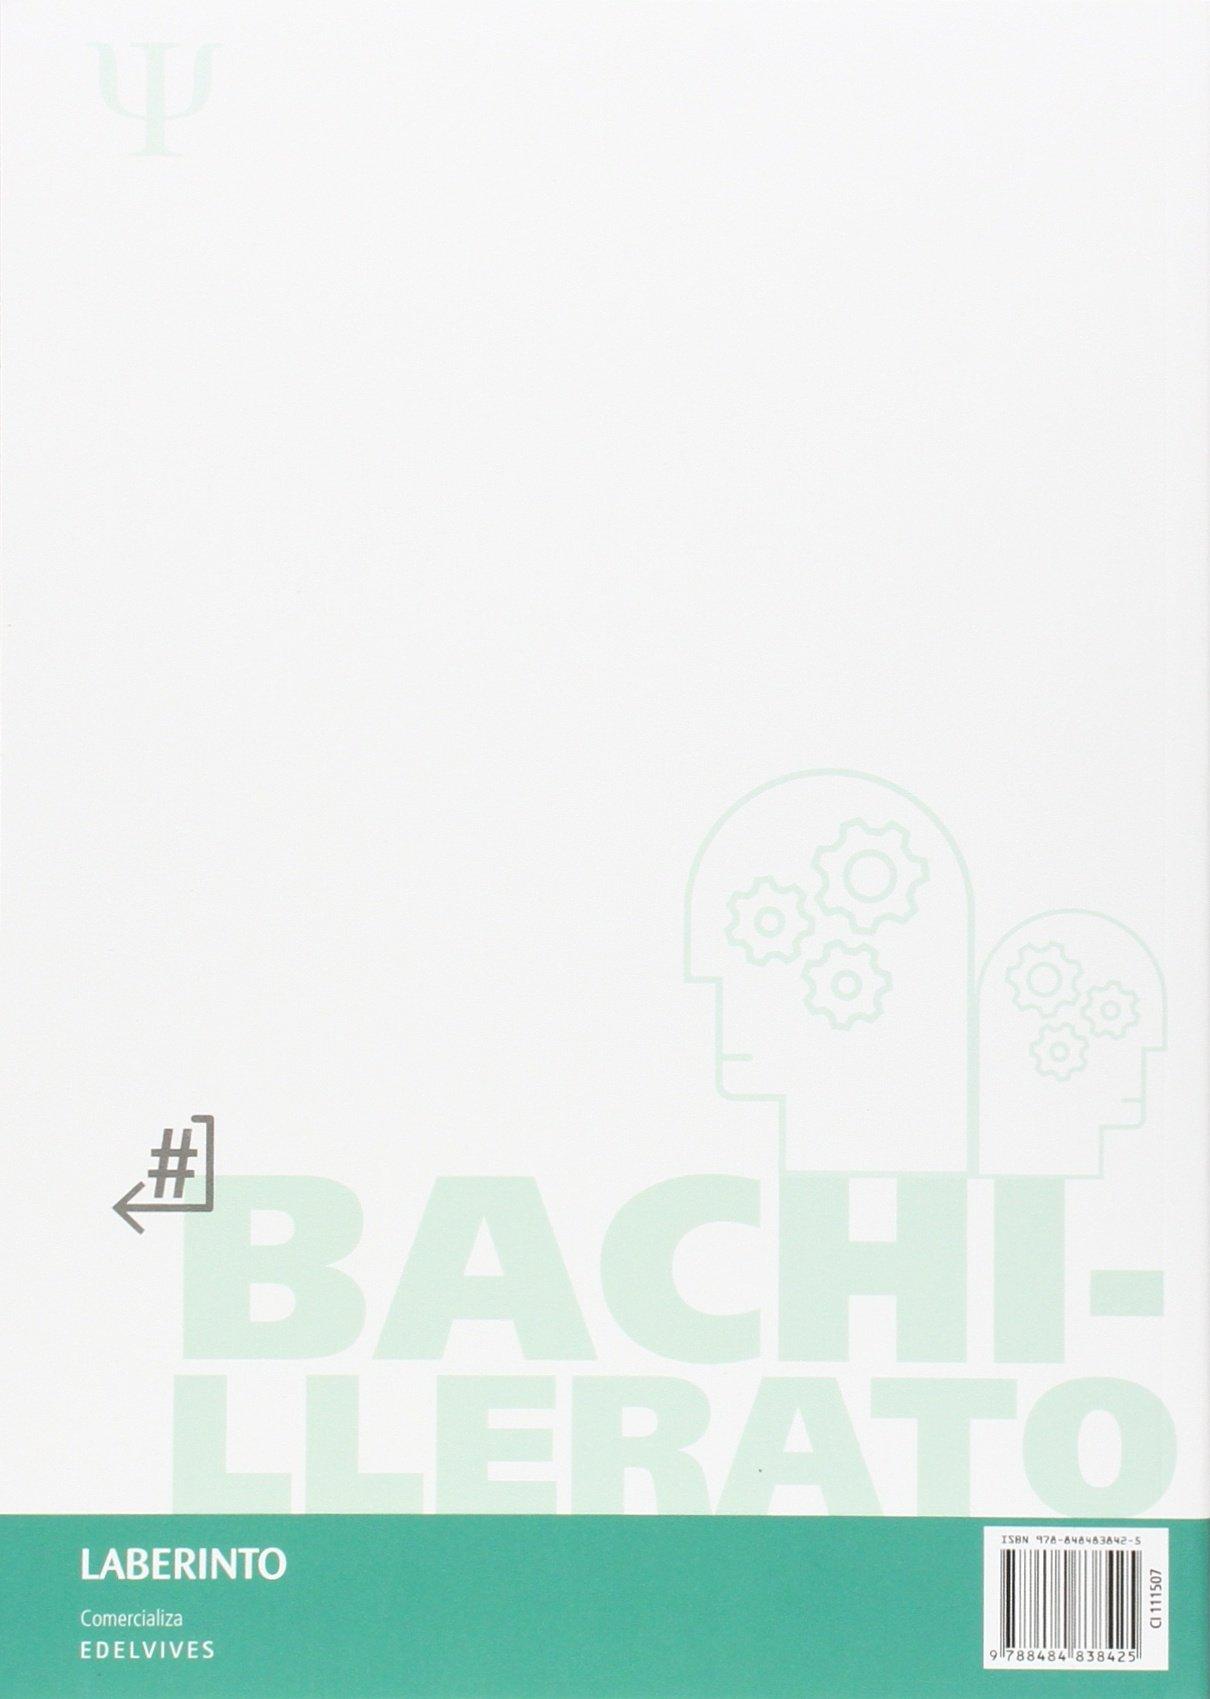 Psicología 2º Bach. LOMCE Pack teoría y práctica - 9788484838456: Amazon.es: Vela León, Juan Antonio: Libros